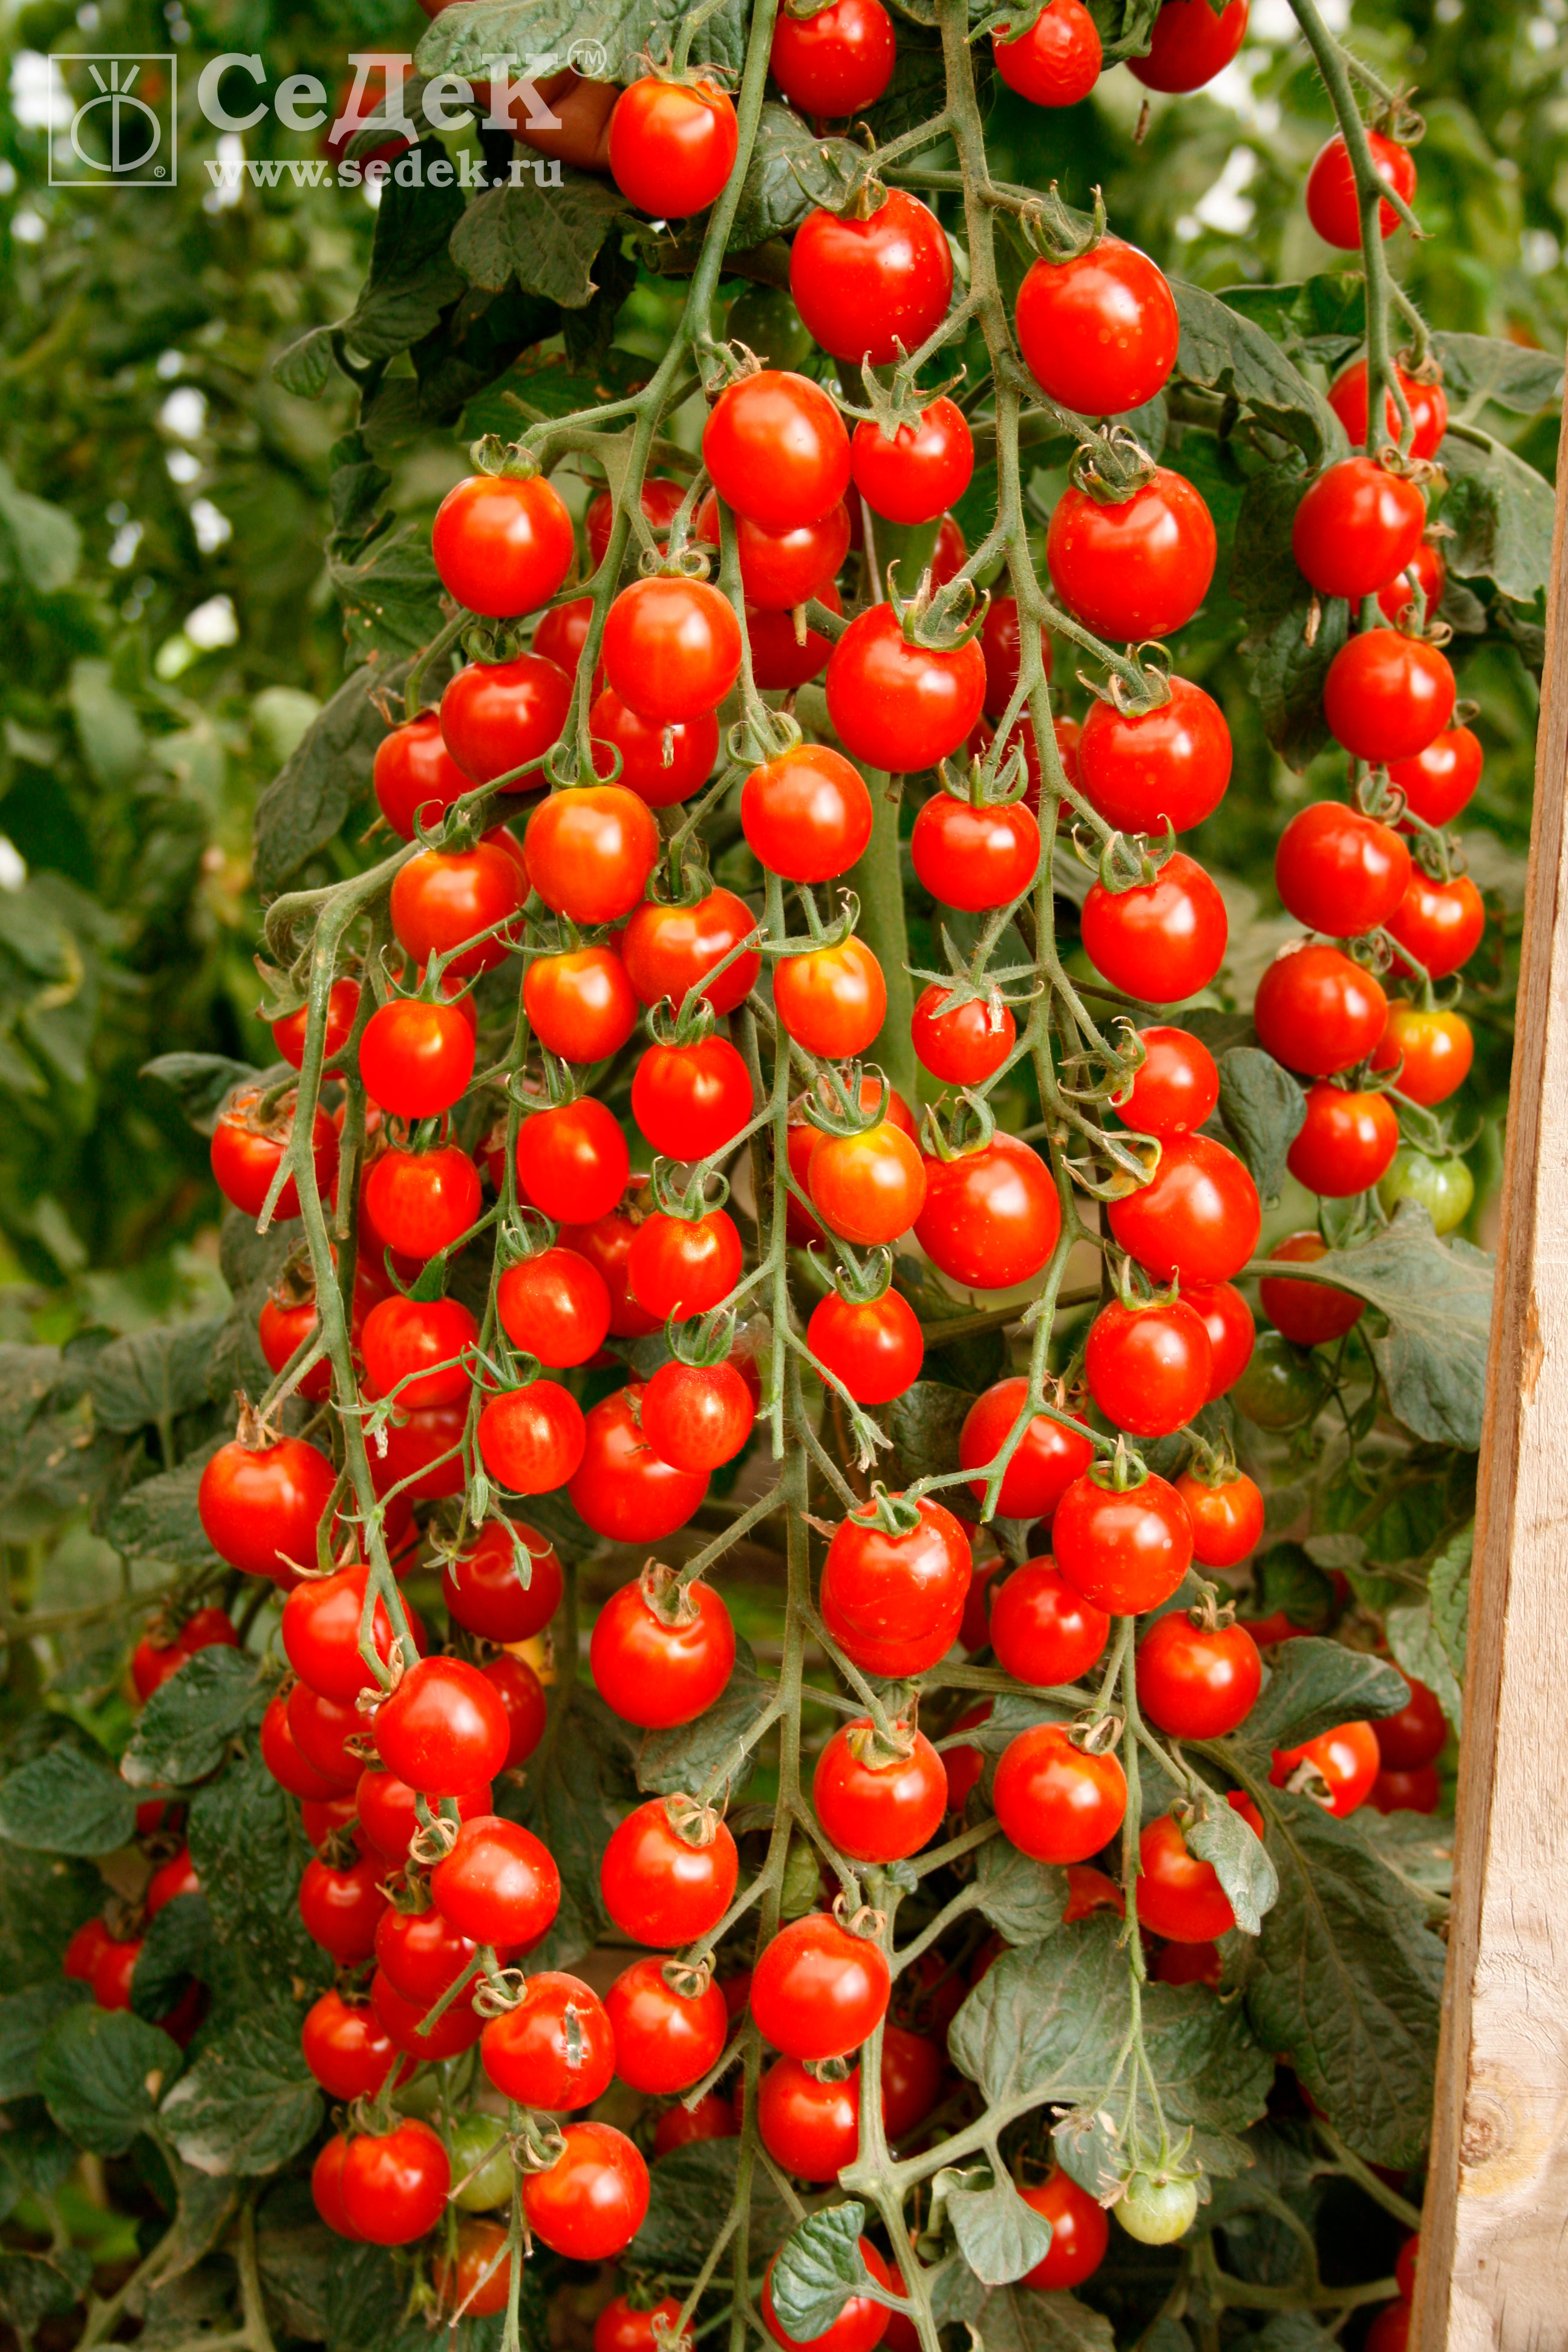 Tomat-Volshebnyj-kaskad-F1_logo